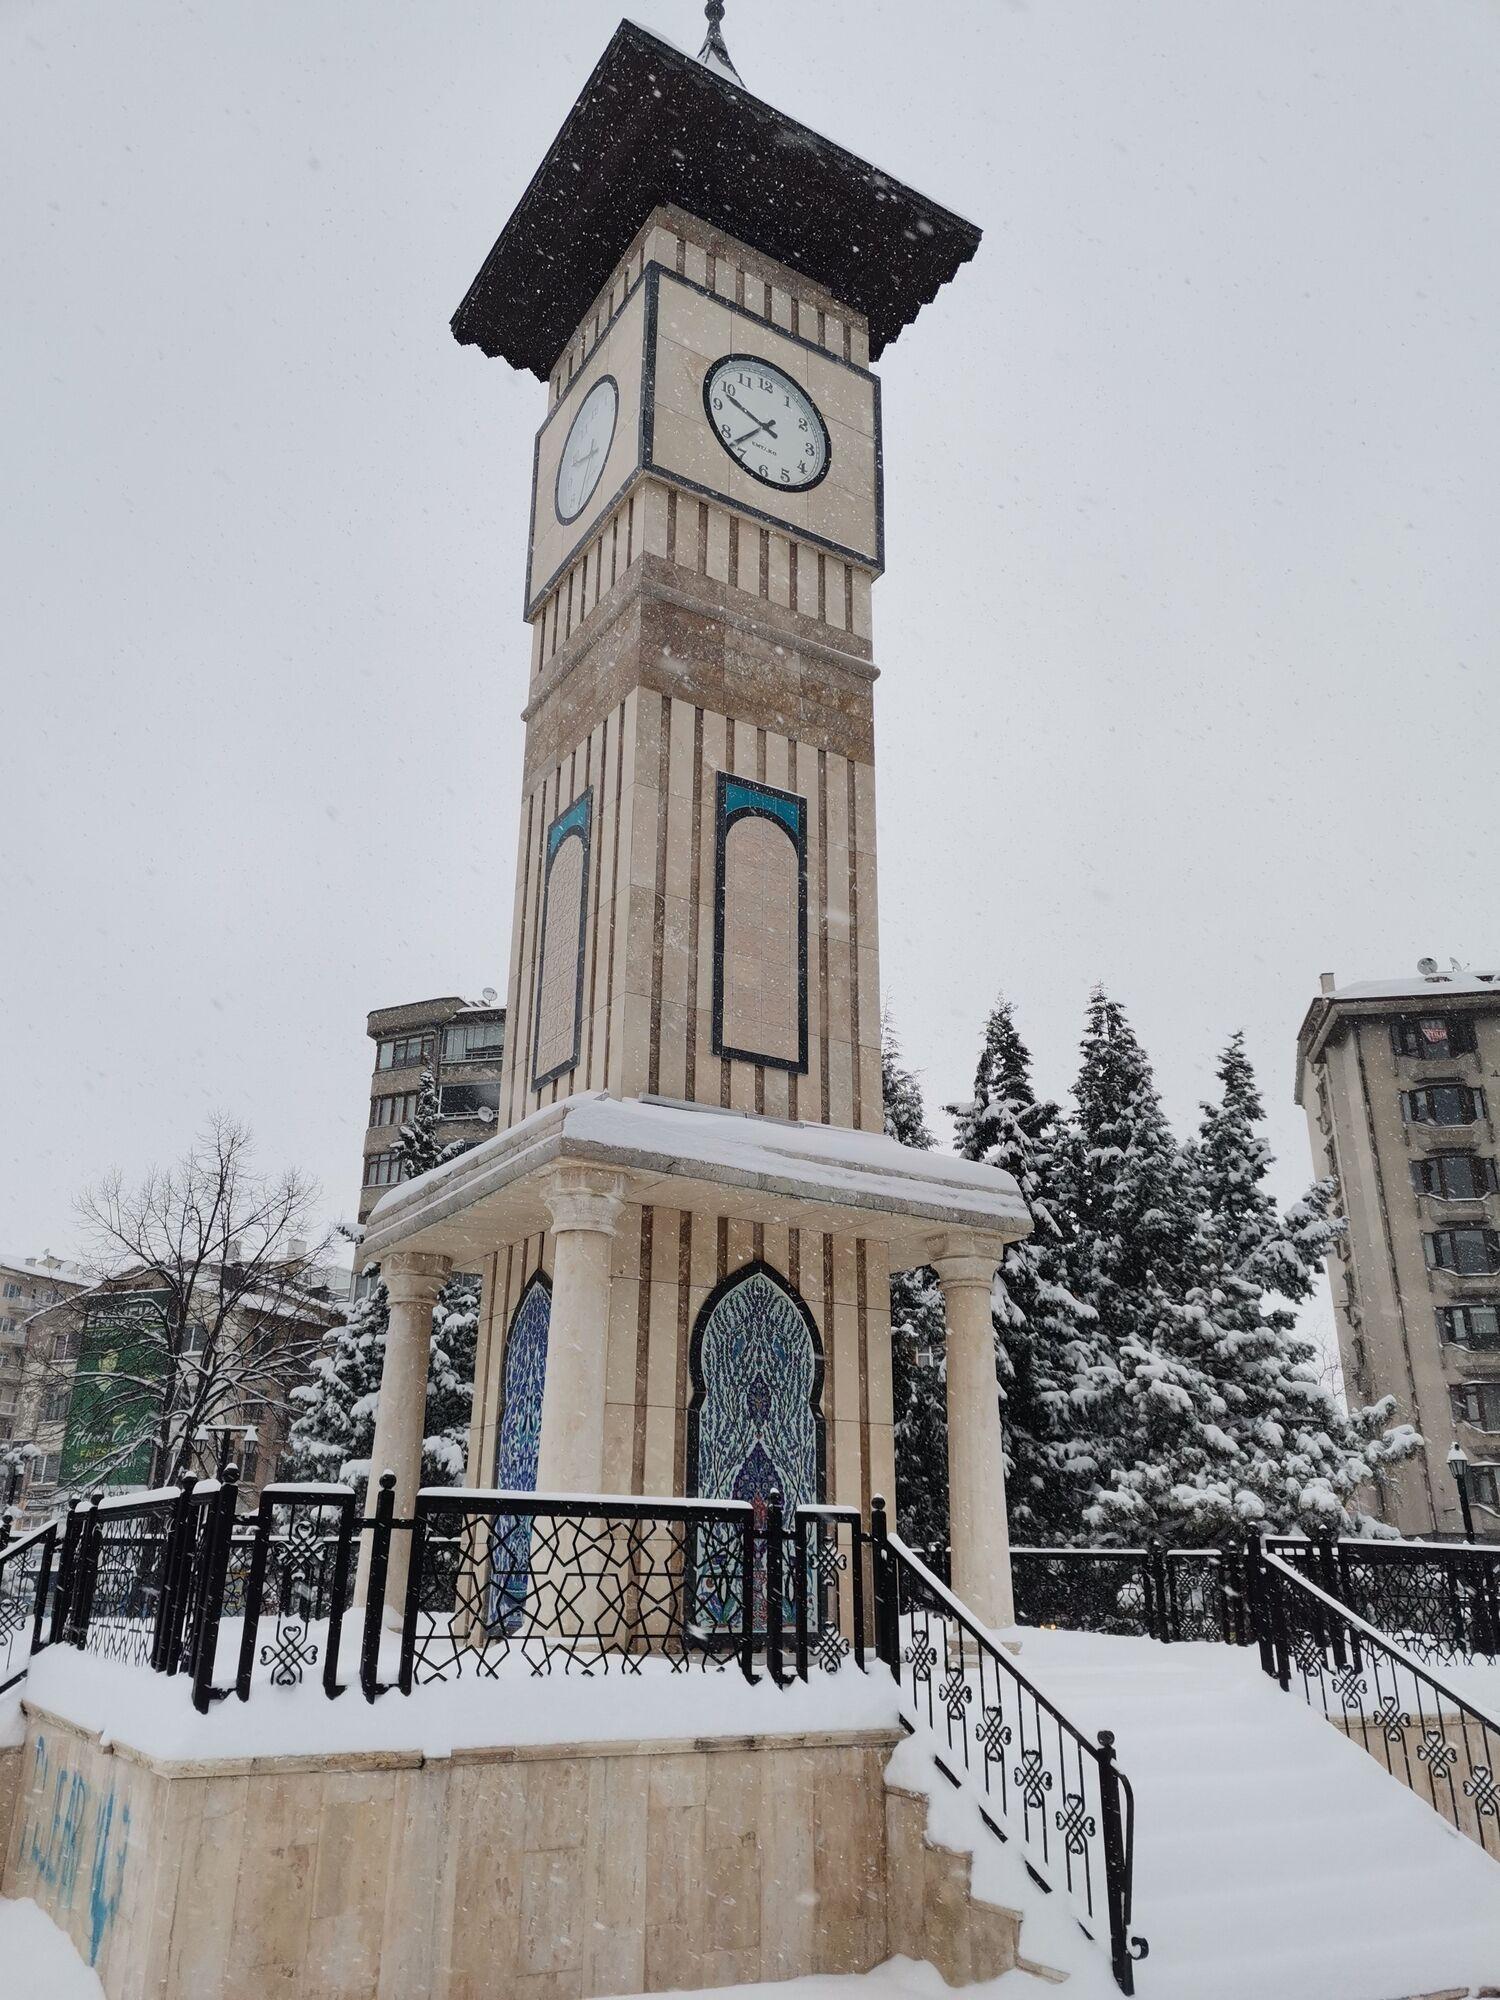 Місто Кютахья